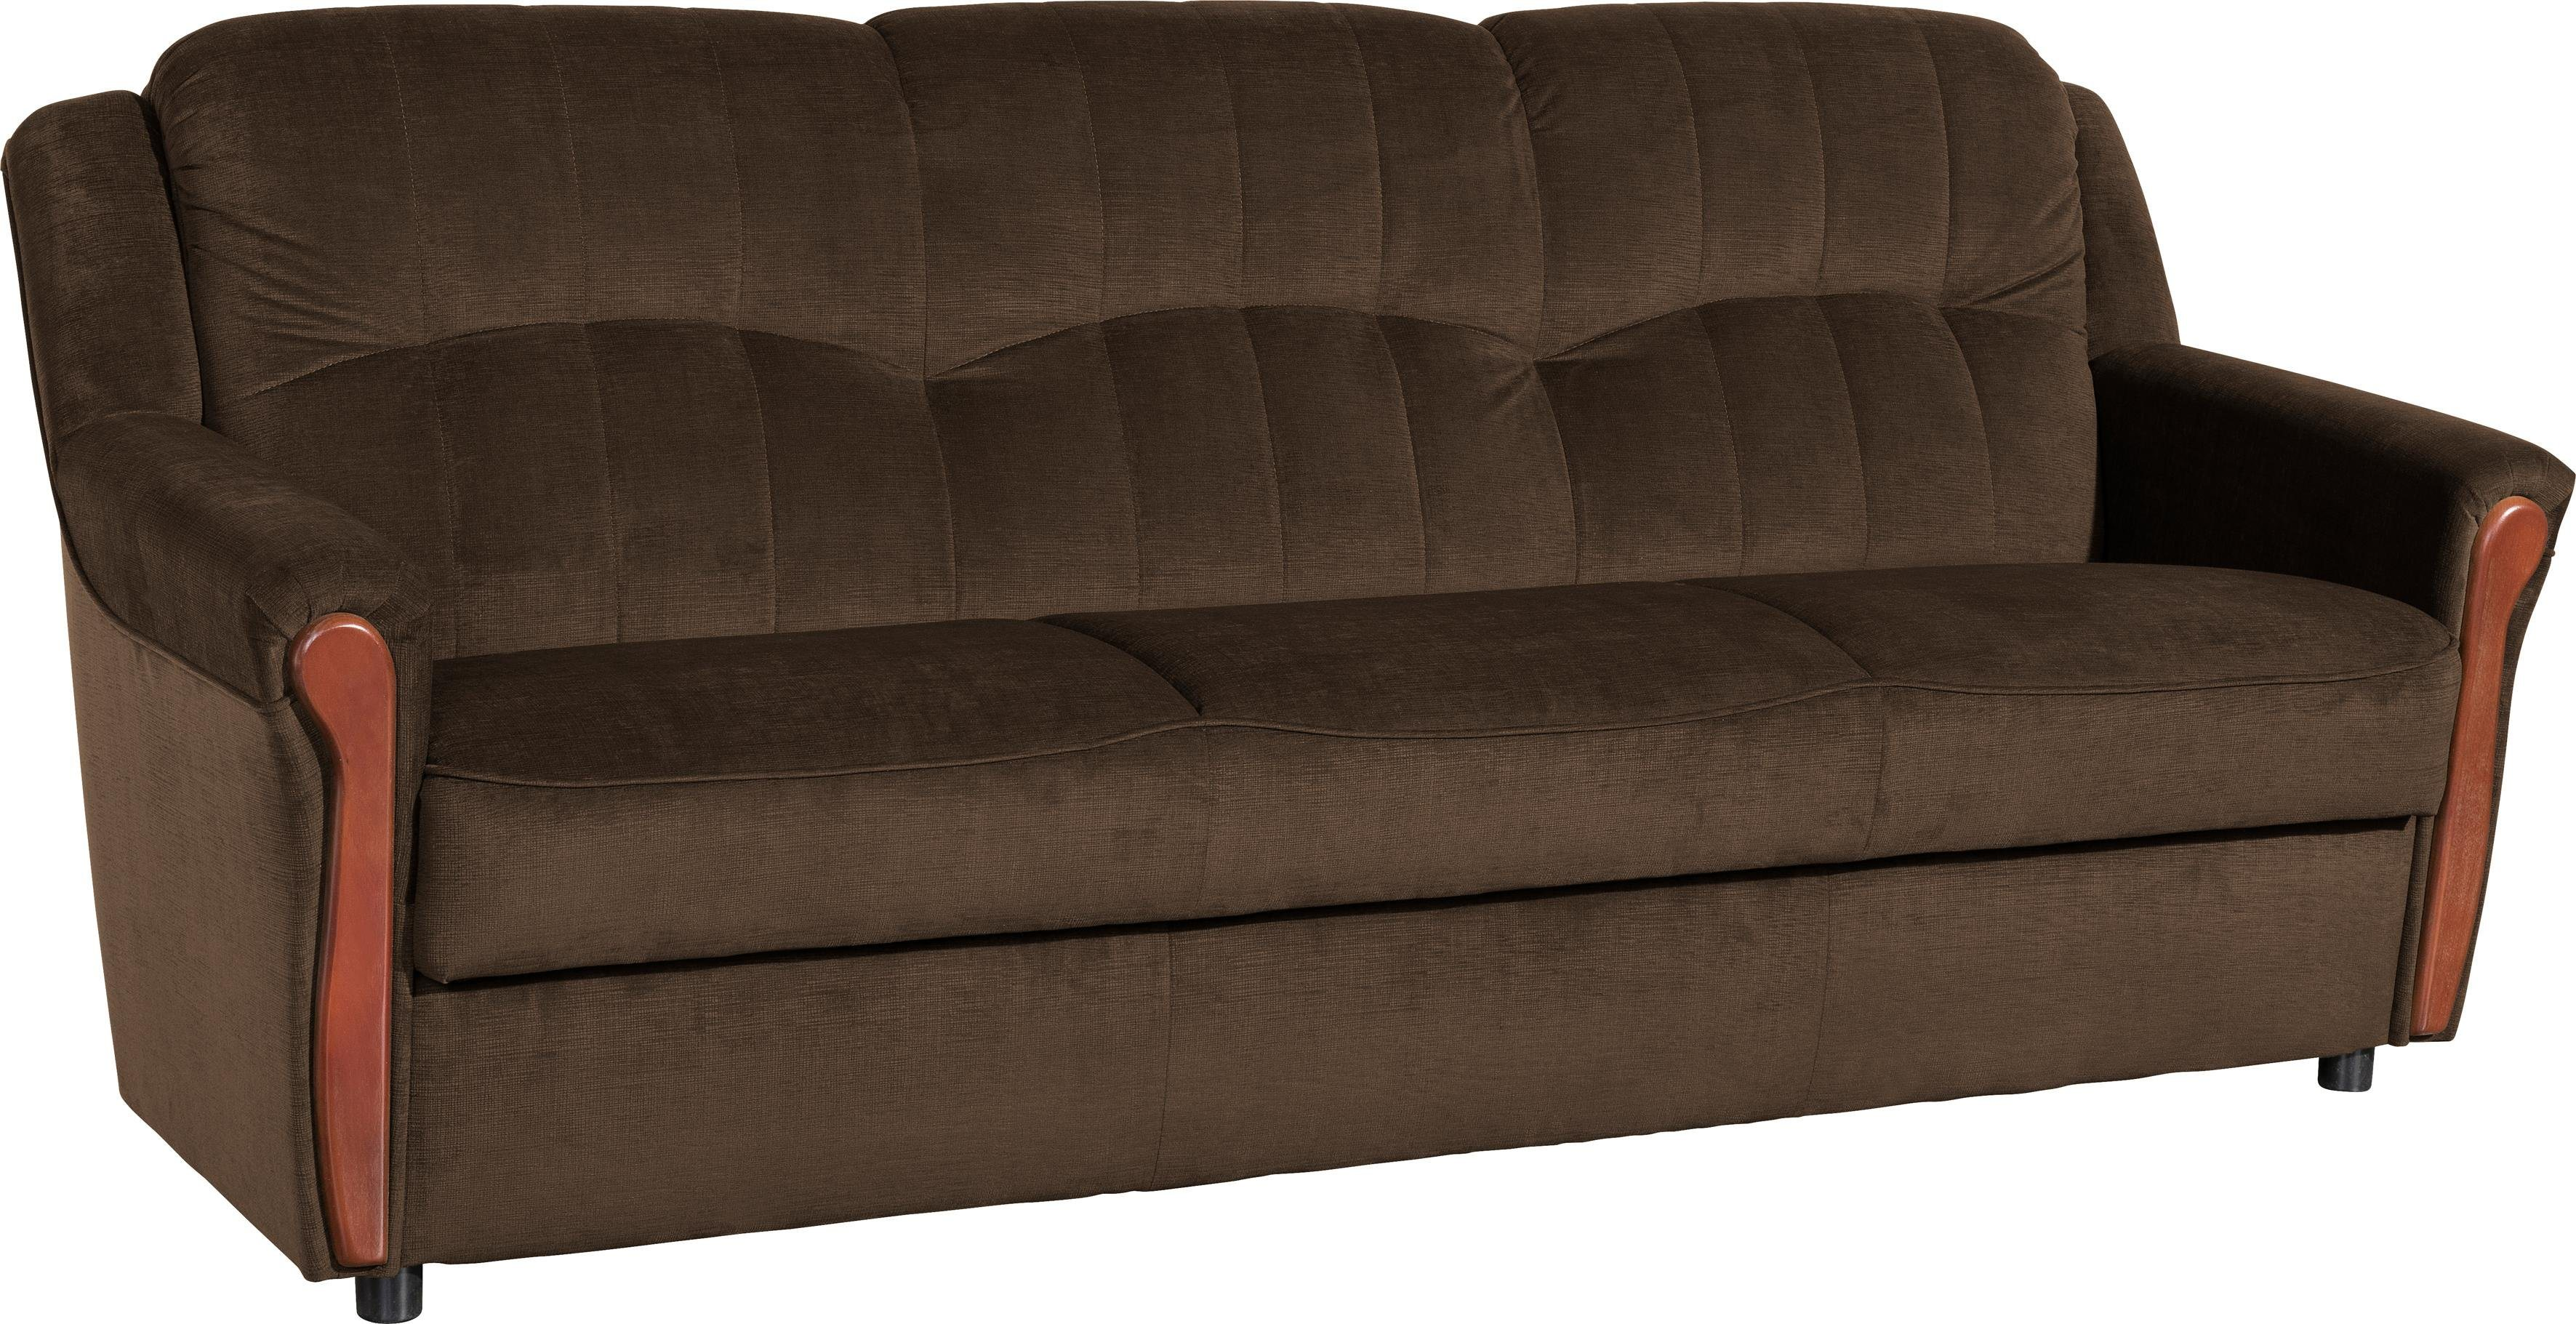 Sofa Lounge Möbel Preisvergleich • Die besten Angebote online kaufen